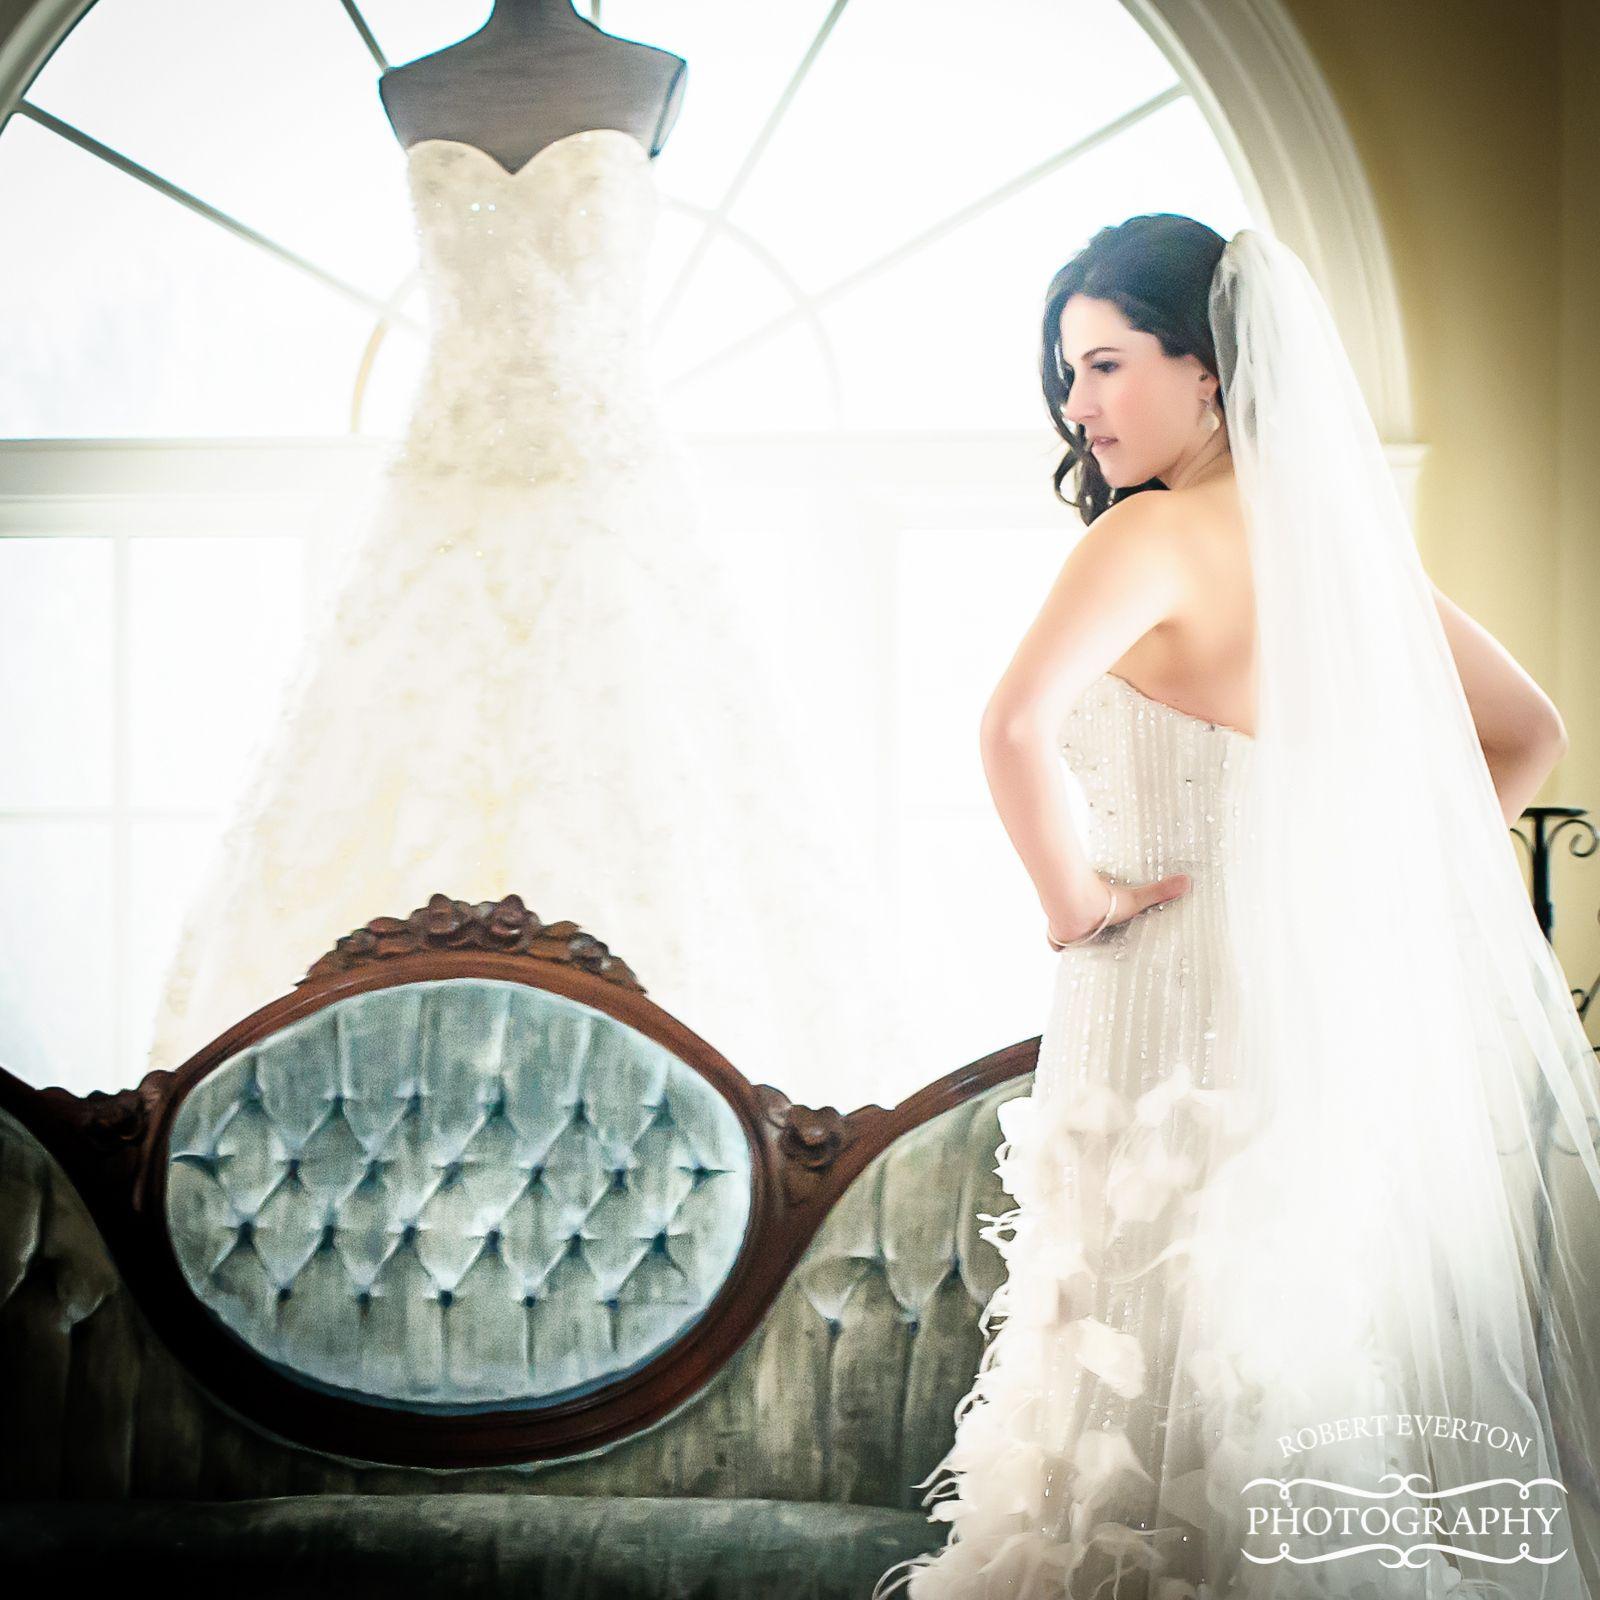 ava lauren bride wedding dresses, #robertevertonphotography www